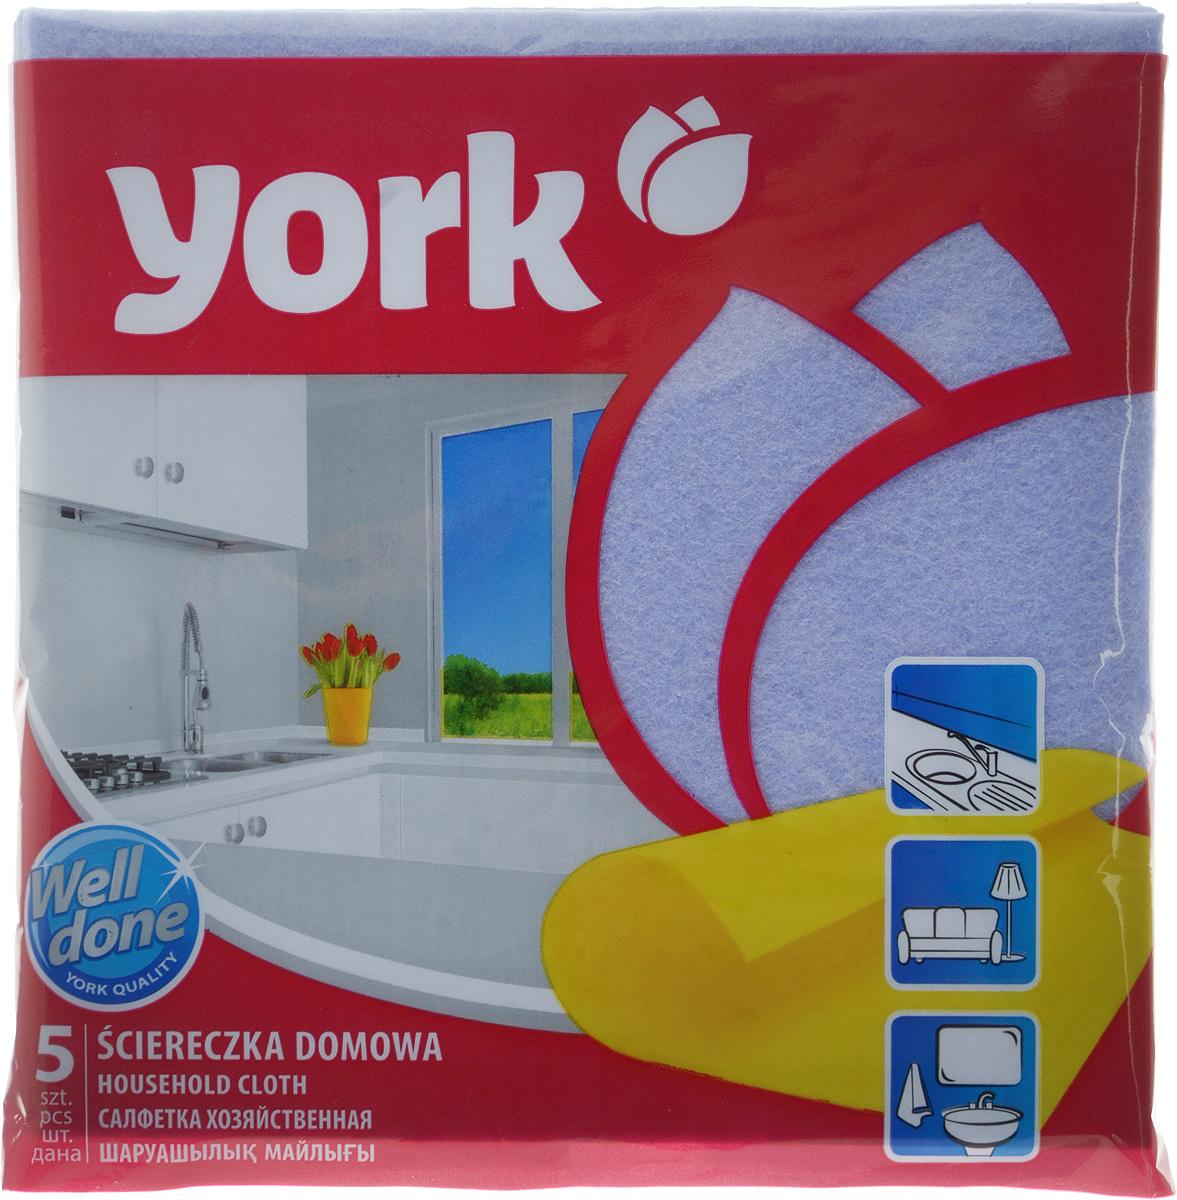 Салфетка хозяйственная York, цвет: сиреневый, 35 х 35 см, 5 шт2002_сиреневыйУниверсальная салфетка York предназначена для мытья, протирания и полировки. Она выполнена из вискозы с добавлением полипропиленового волокна, отличается высокой прочностью. Хорошо поглощает влагу, эффективно очищает поверхности и не оставляет ворсинок. Идеальна для ухода за столешницами и раковиной на кухне, за стеклом и зеркалами, деревянной мебелью. Может использоваться в сухом и влажном виде.